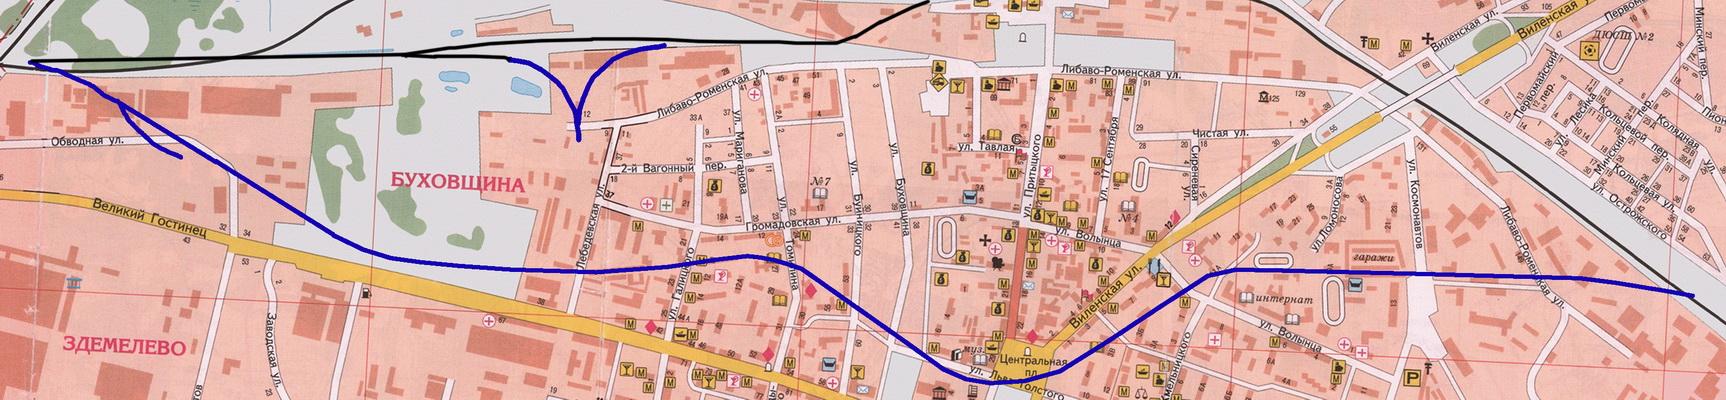 Лінія на сучаснай мапе горада